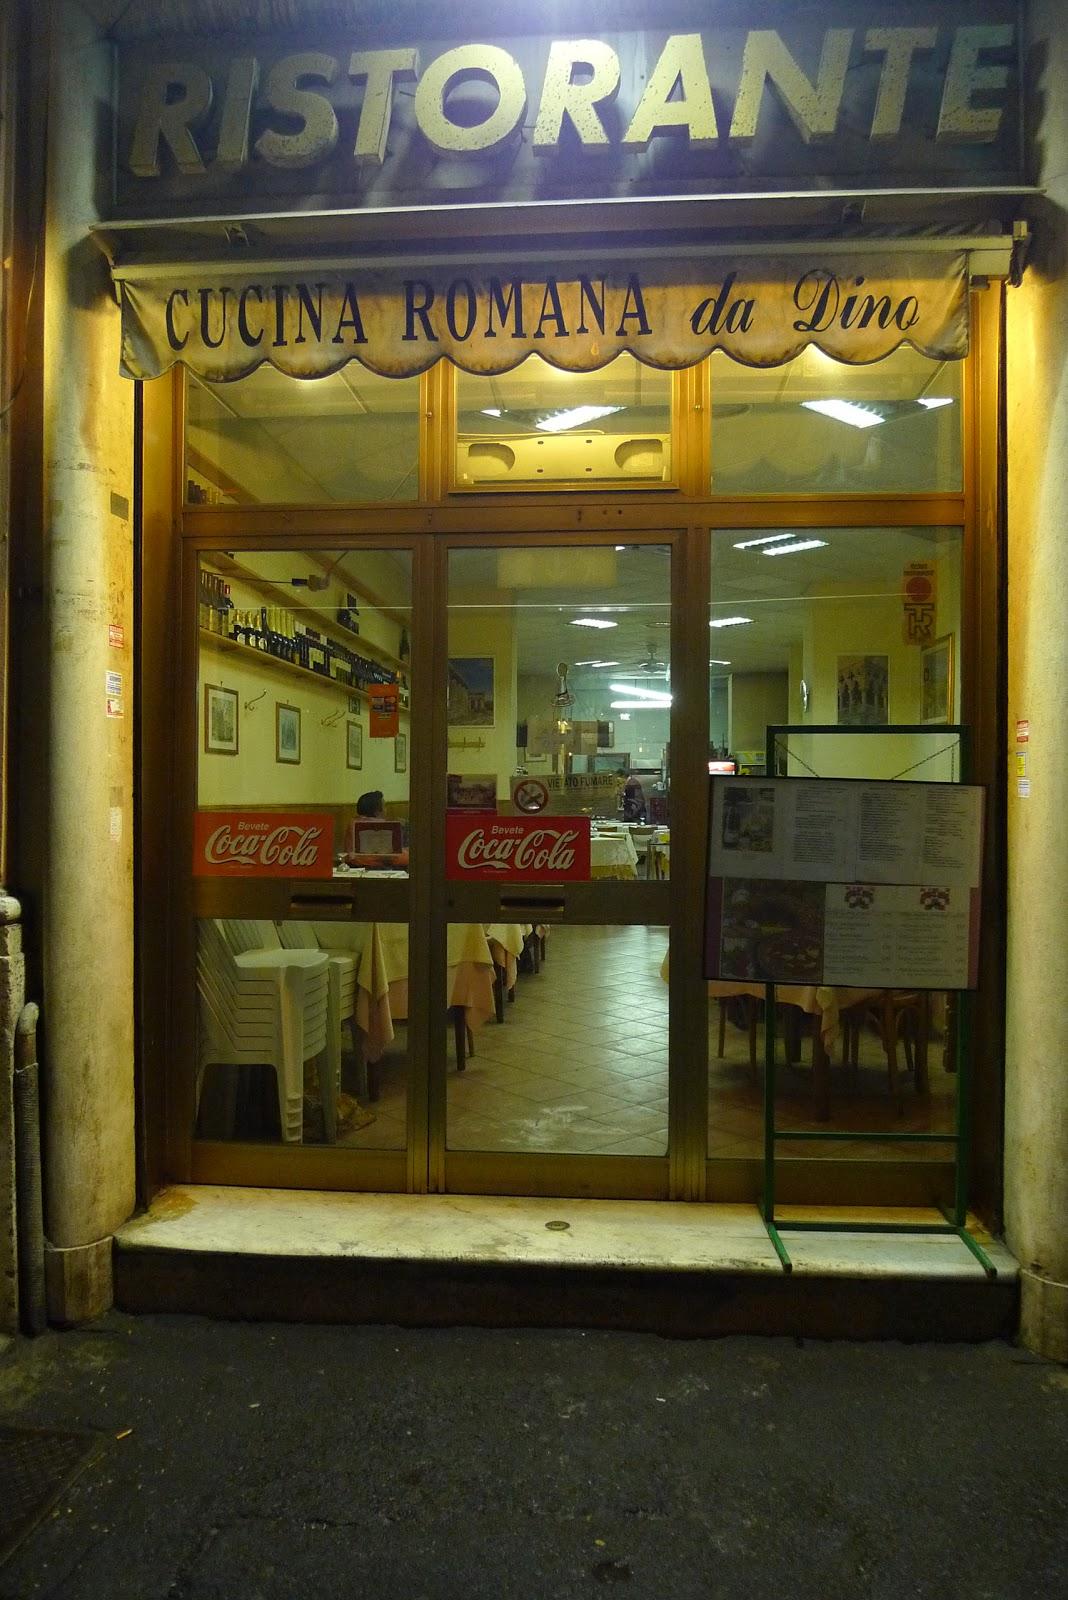 Tony vacaciones y derivados ristorante pizzer a cucina for Cucina romana rome